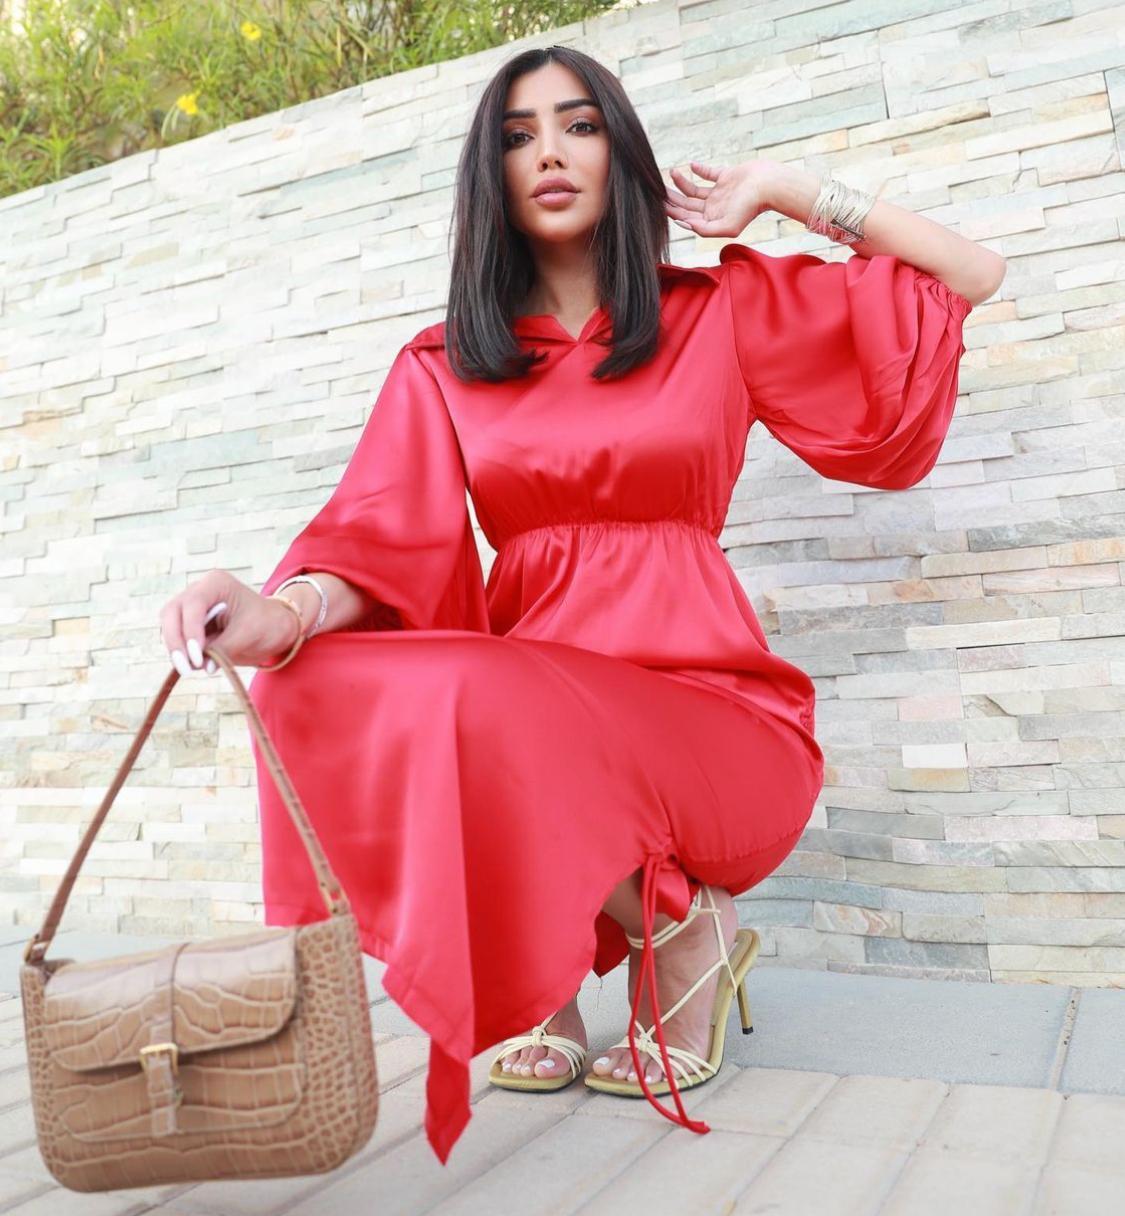 6 رينة فرح بفستان من الساتان الاحمر -الصورة من حسابها على الانستغرام